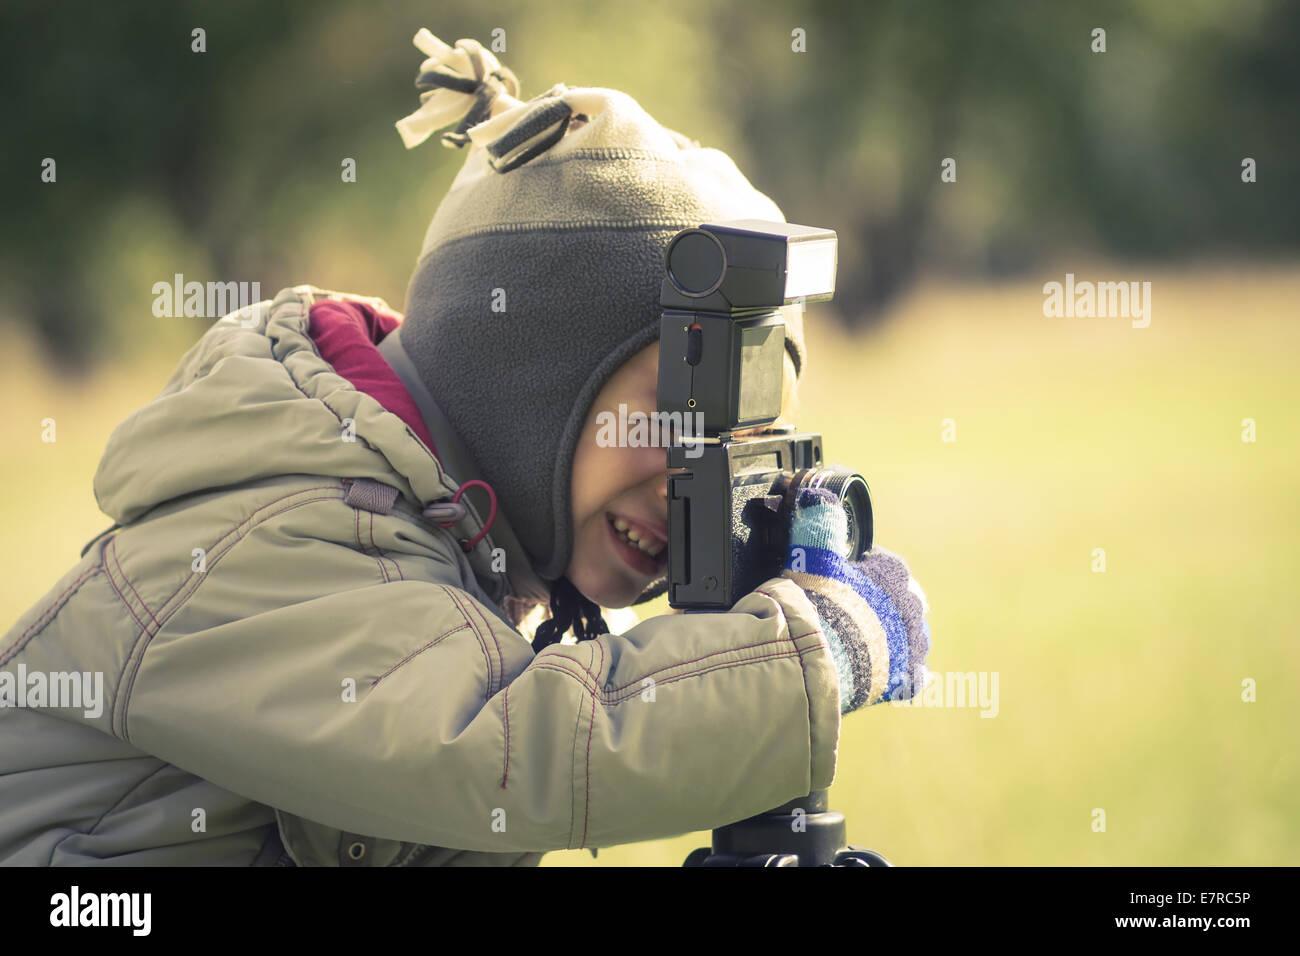 Cute niño pequeño disparar una fotografía en otoño park Imagen De Stock